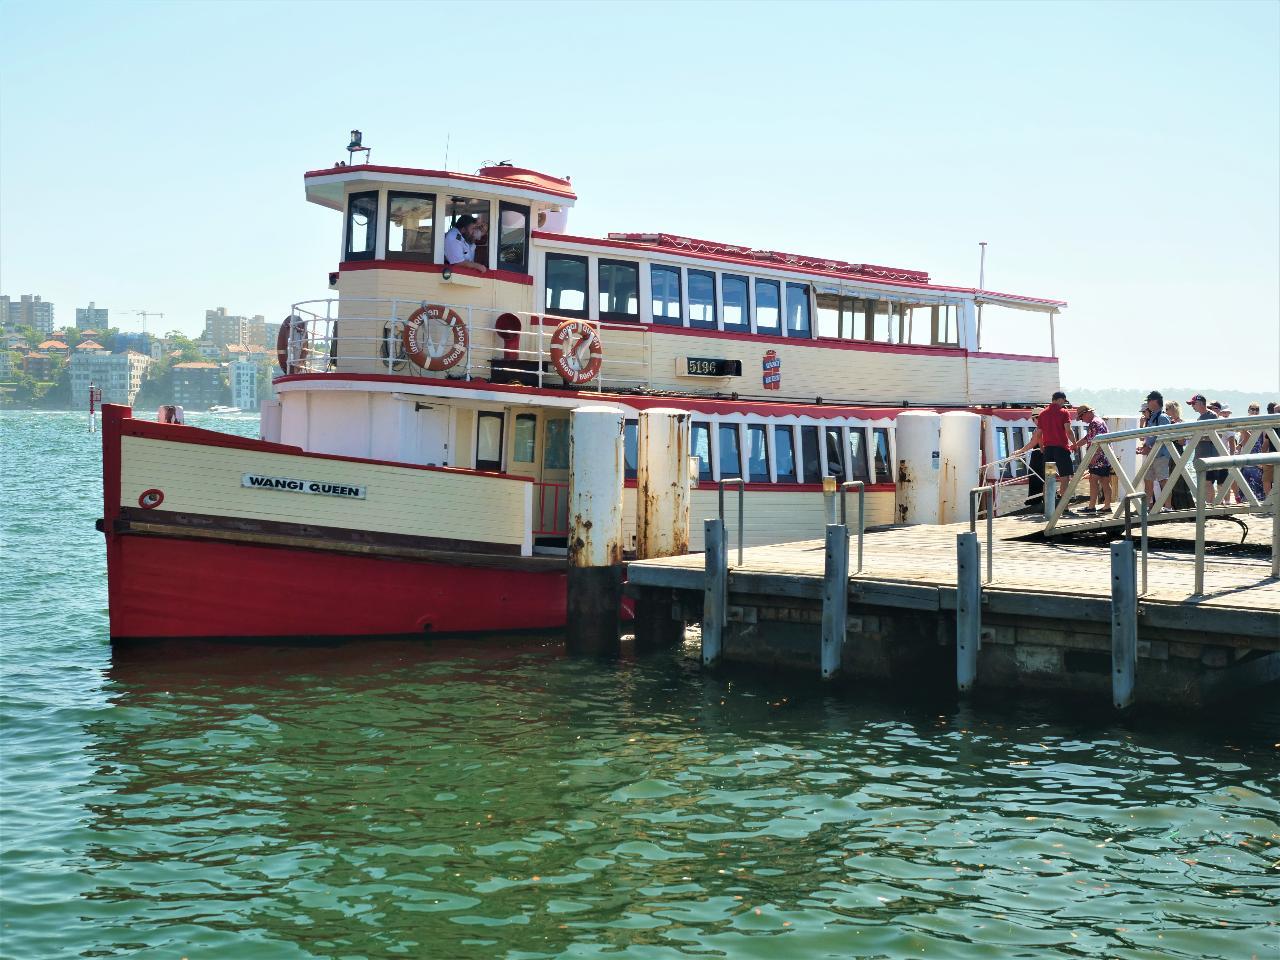 Boxing Day Cruise: Wangi Queen